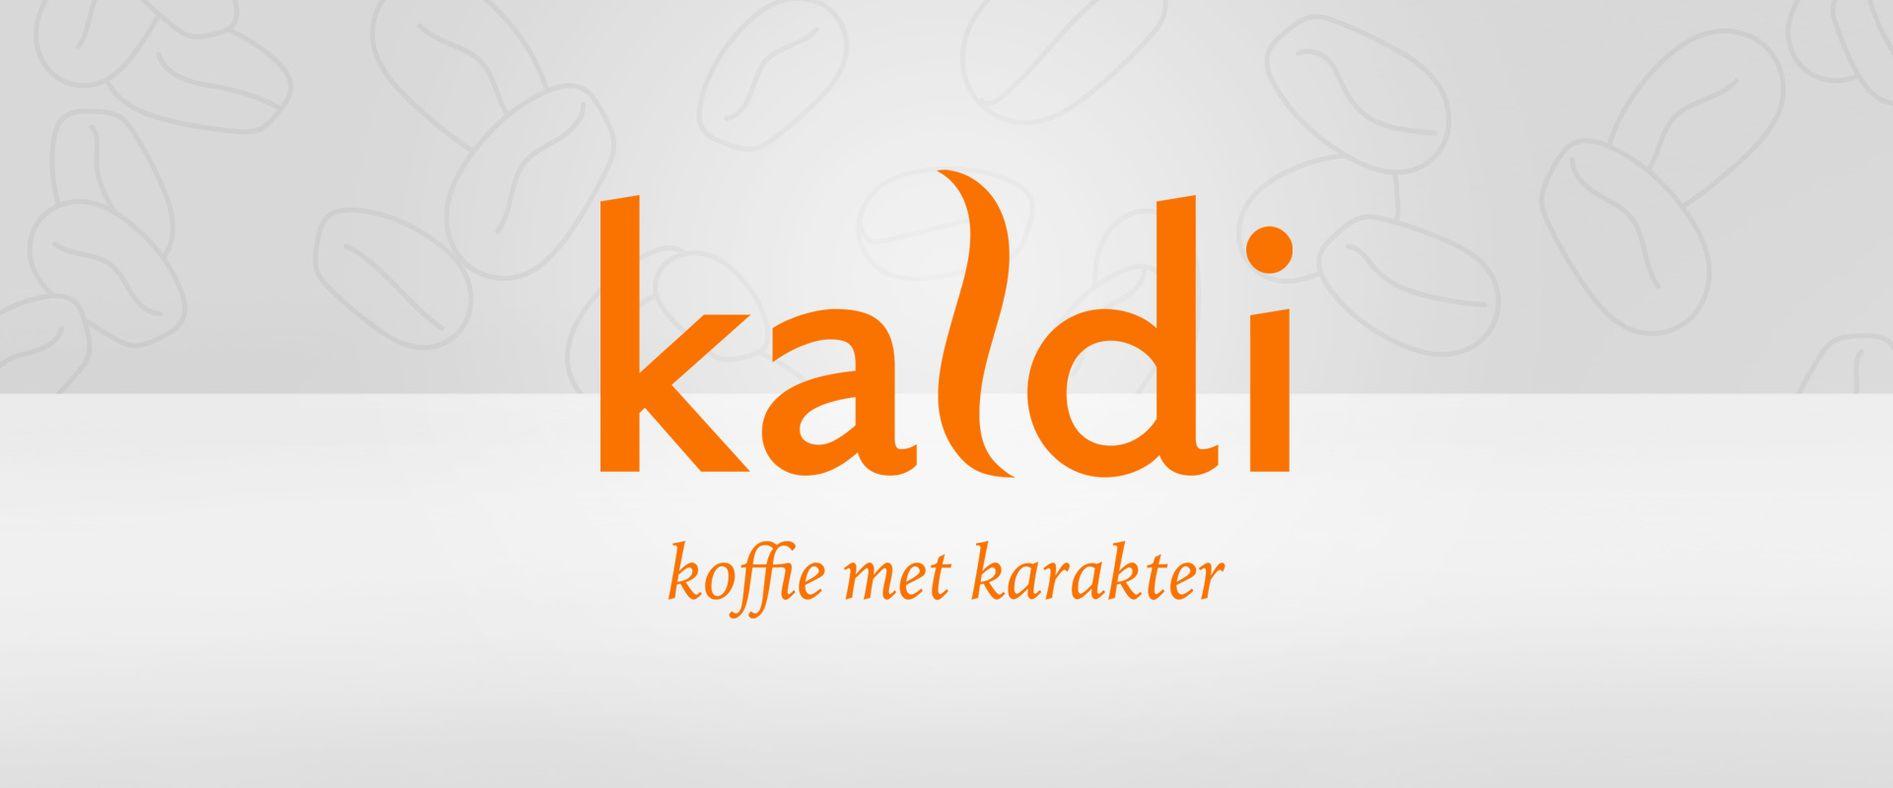 (c) Kaldi.nl